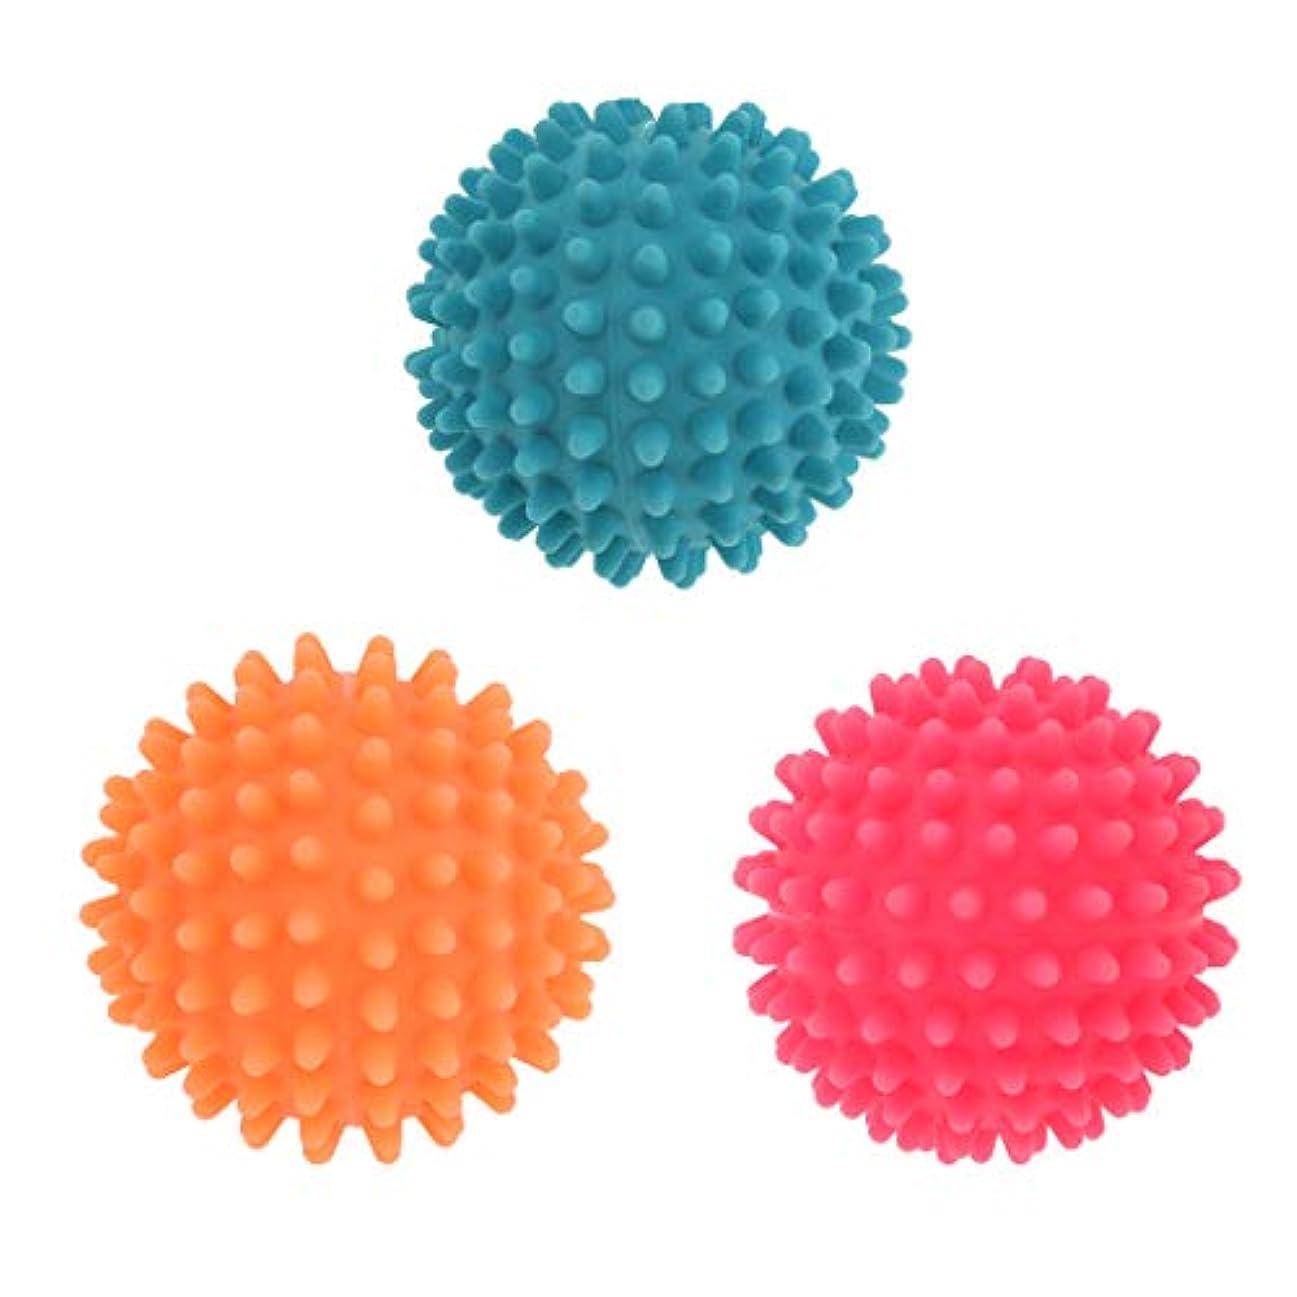 フィット進む大佐3個 マッサージボール ヨガボール 触覚ボール ツボ押しグッズ 直径7cm